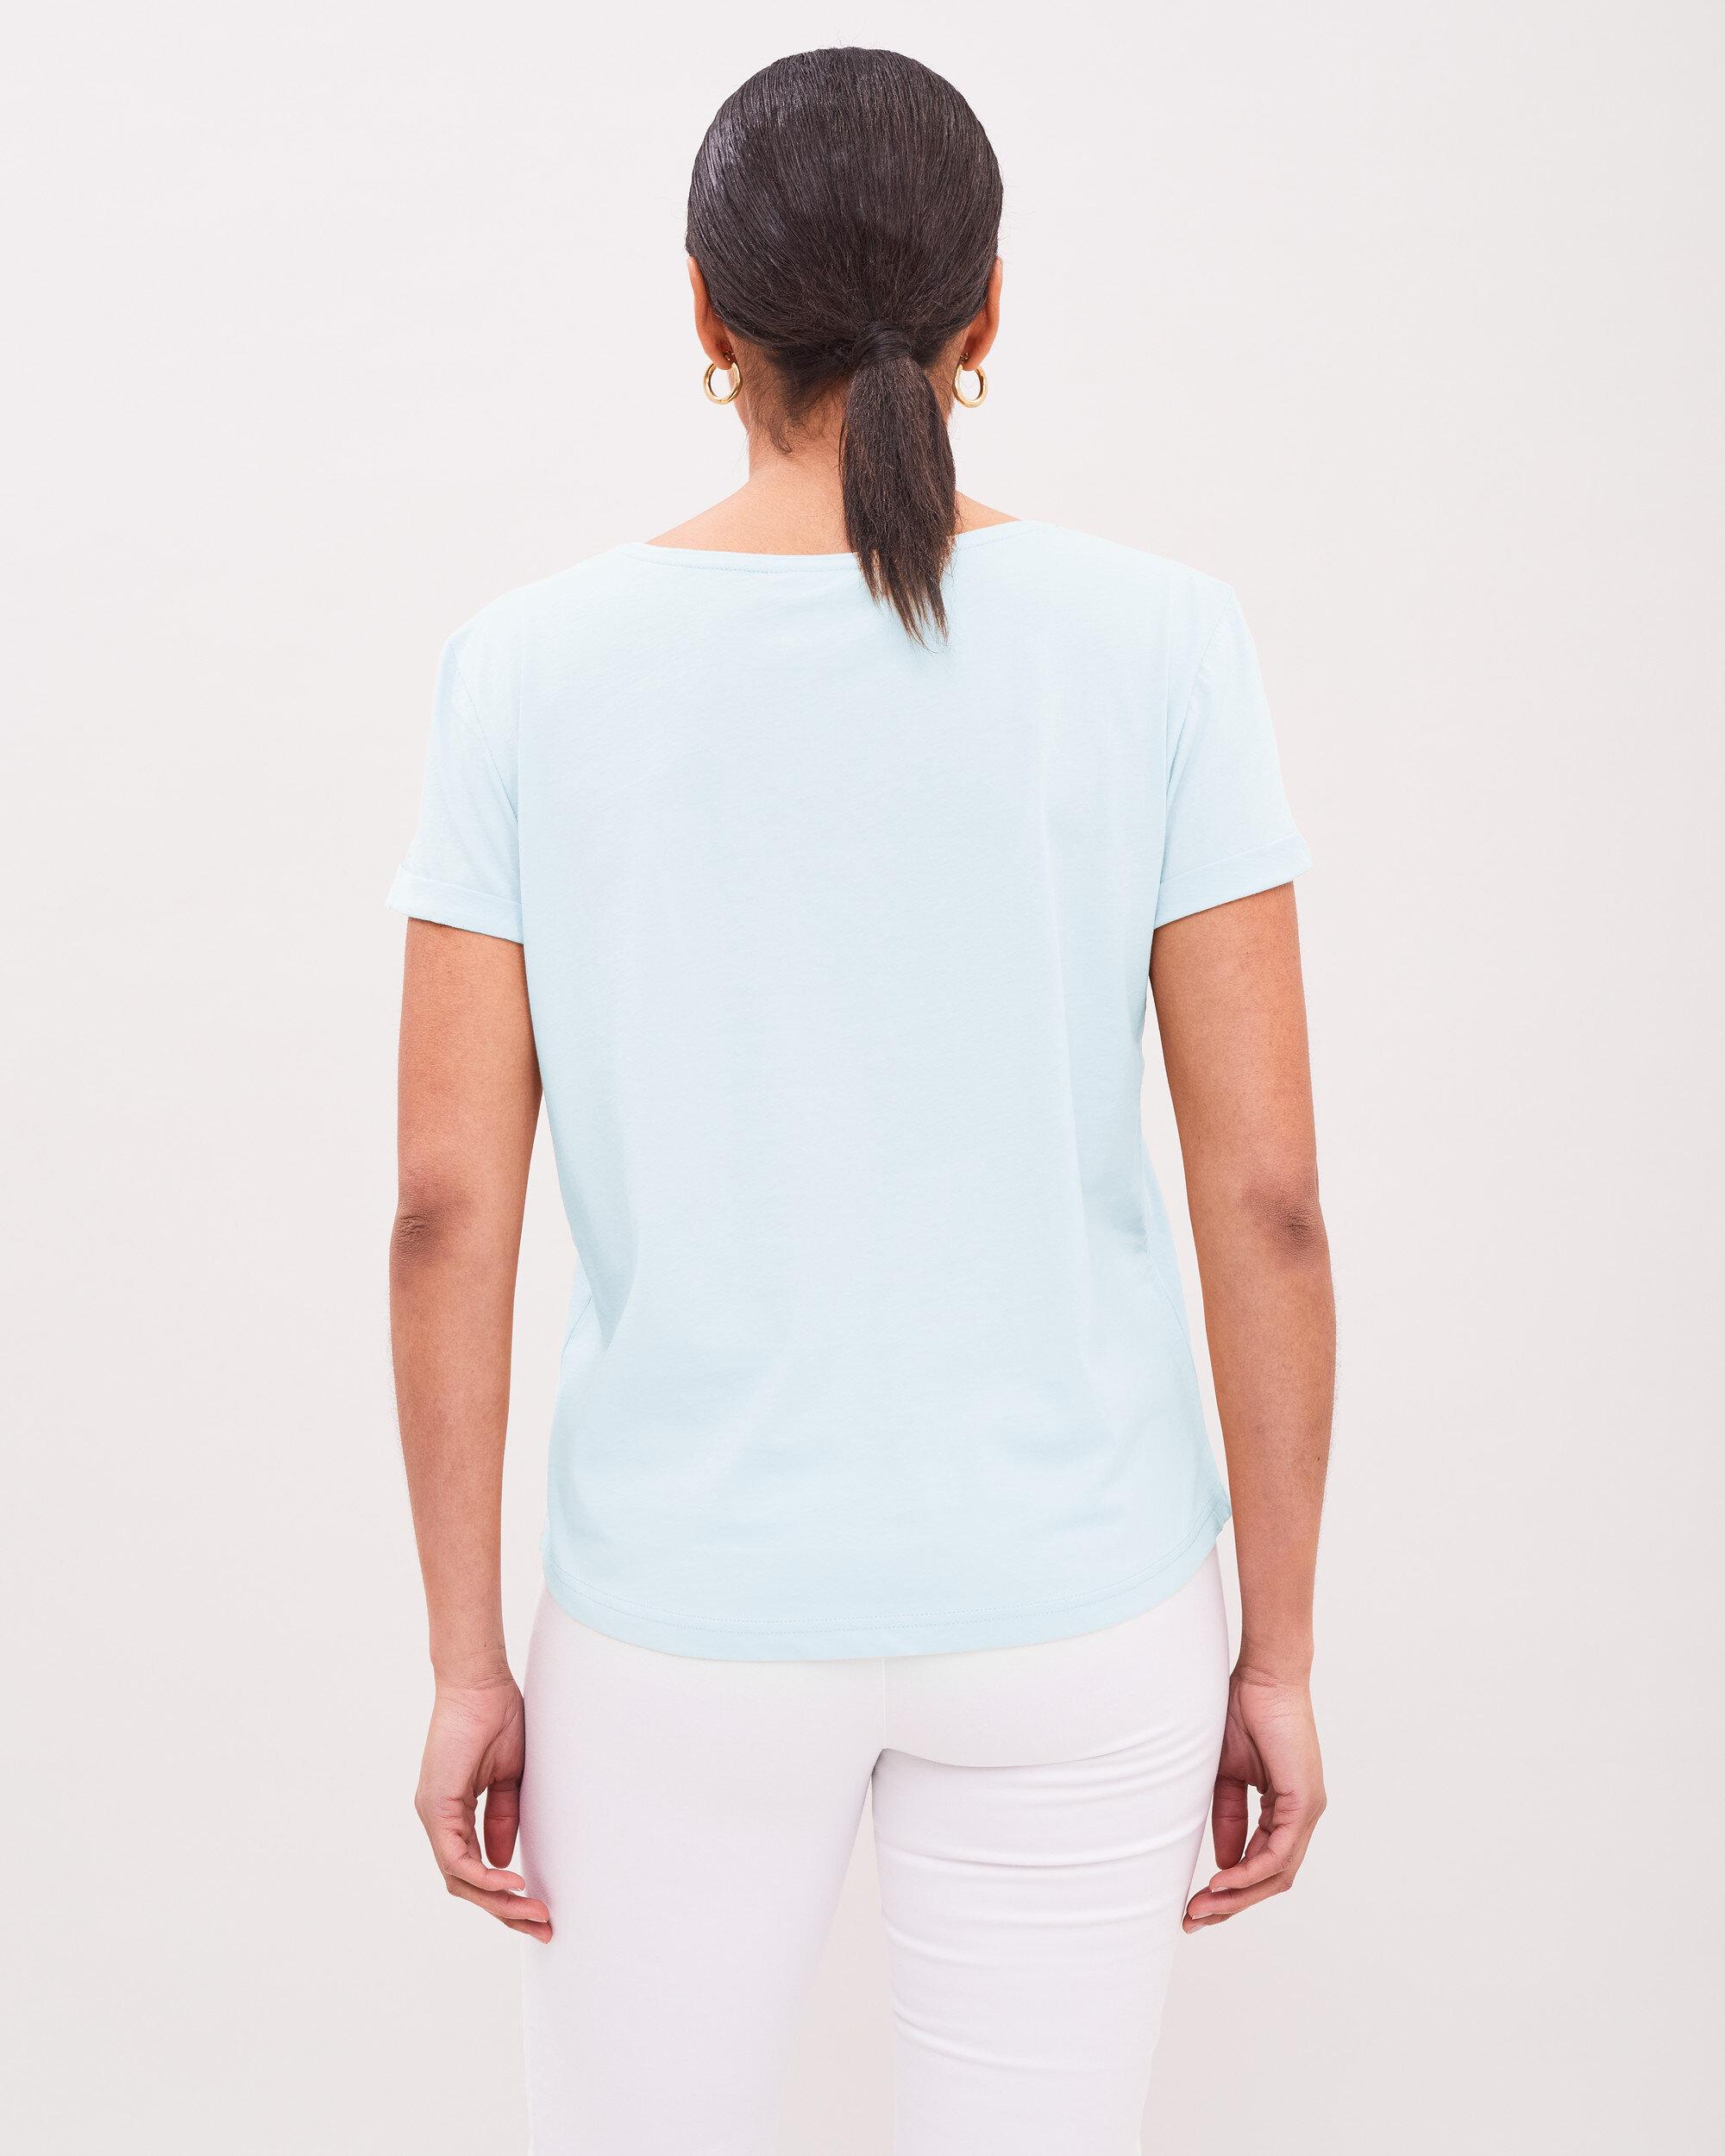 Siri T-shirt